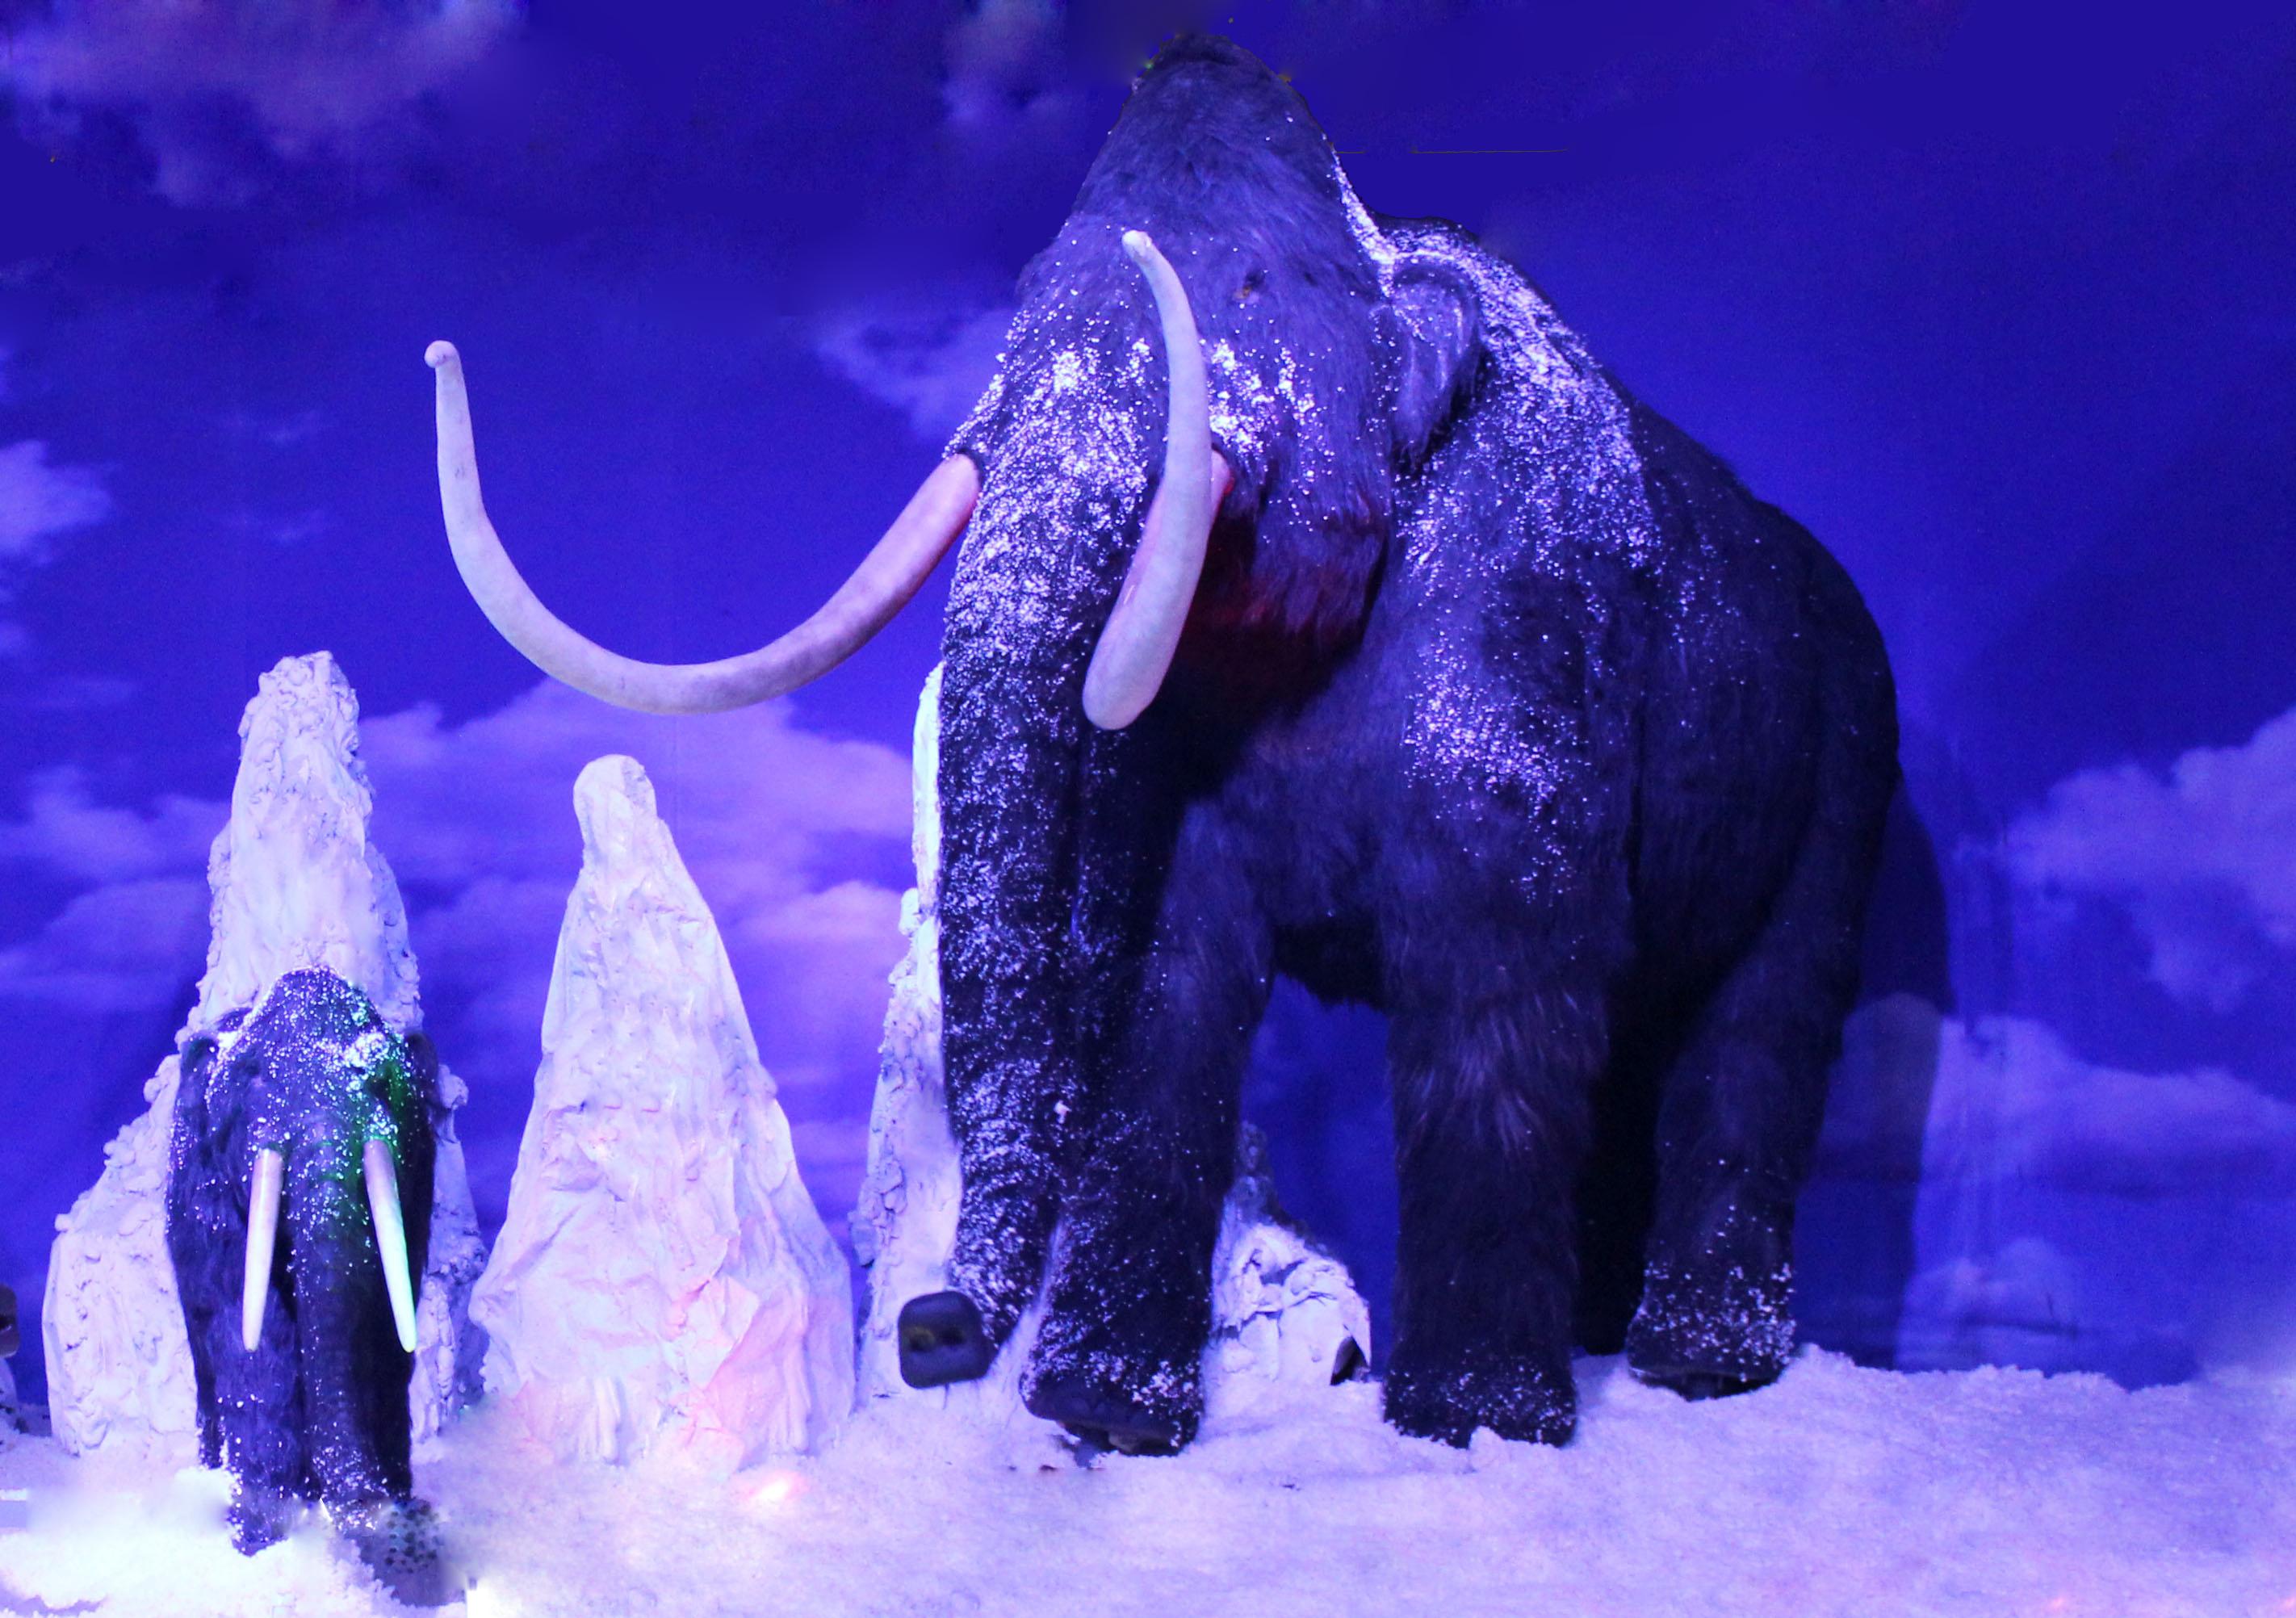 Pr sentation exposition de l re des dinosaures l re de glace jeux sorties papa - Porte de versailles animaux ...